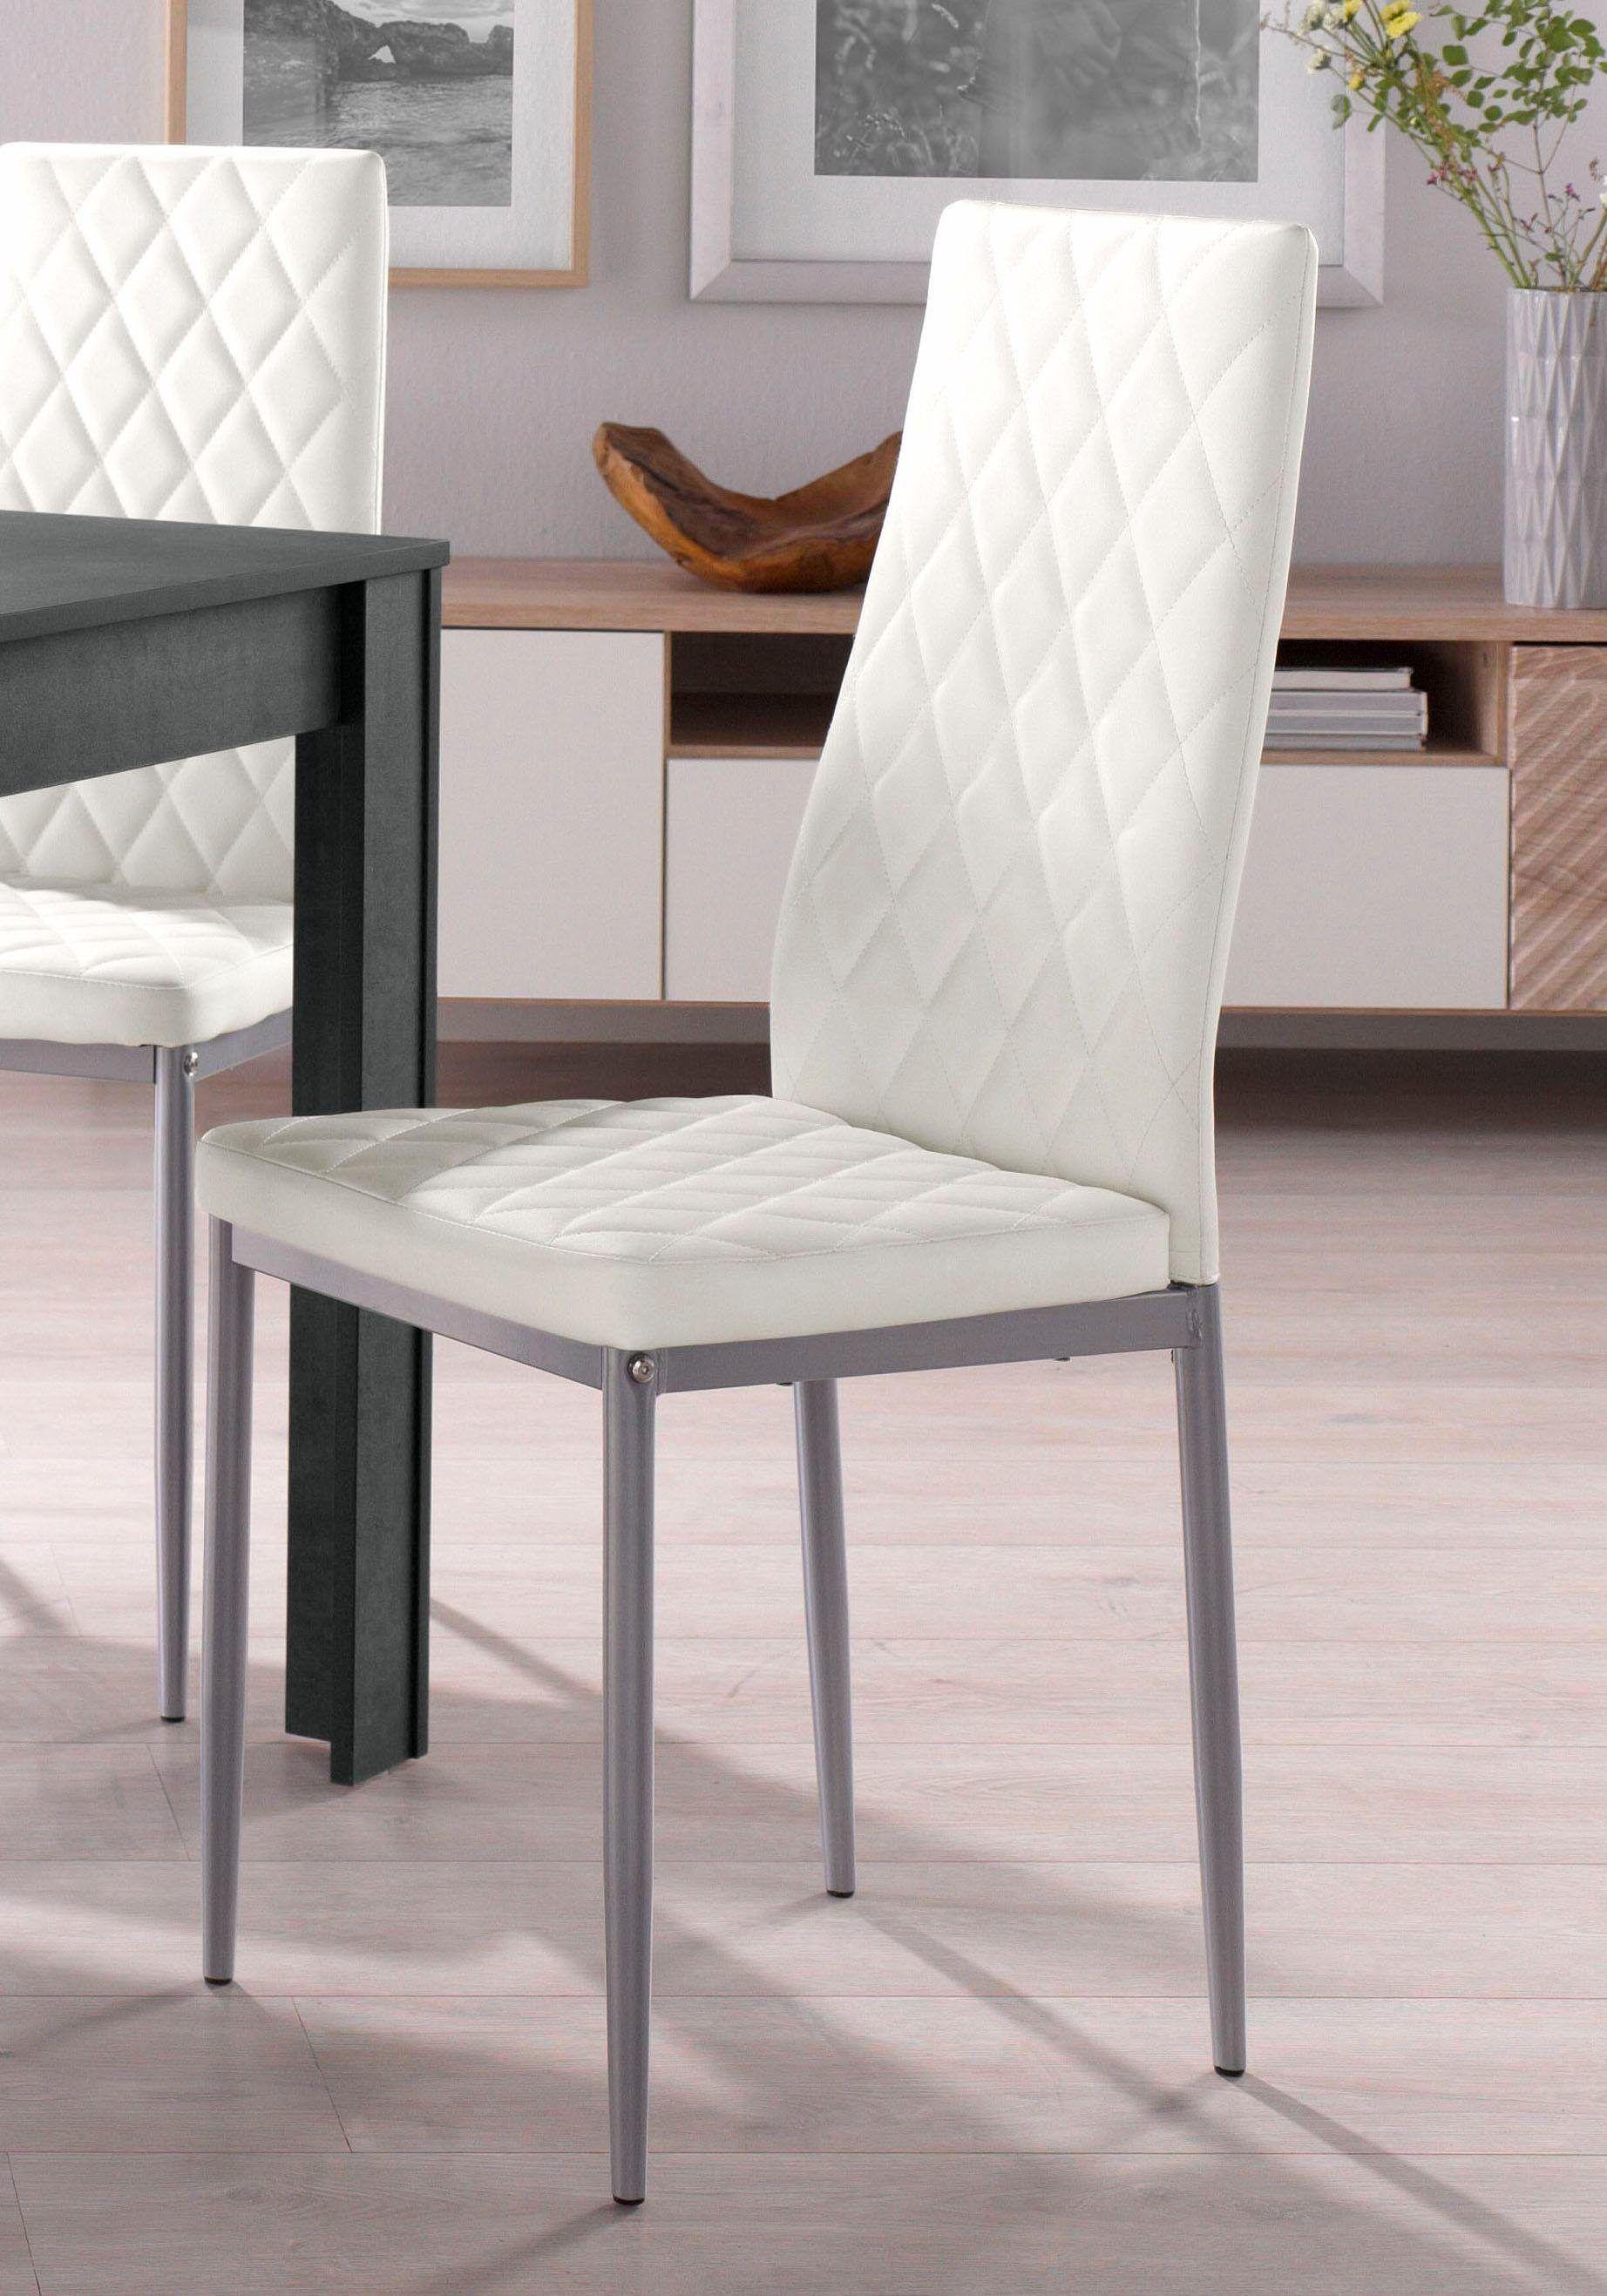 Stuhle 2 Oder 4 Stuck Weiss 4er Set Pflegeleichtes Kunstleder Yourhome Jetzt Bestellen Unter Https Moebel Ladendi Freischwinger Wohnzimmer Stuhle Stuhle